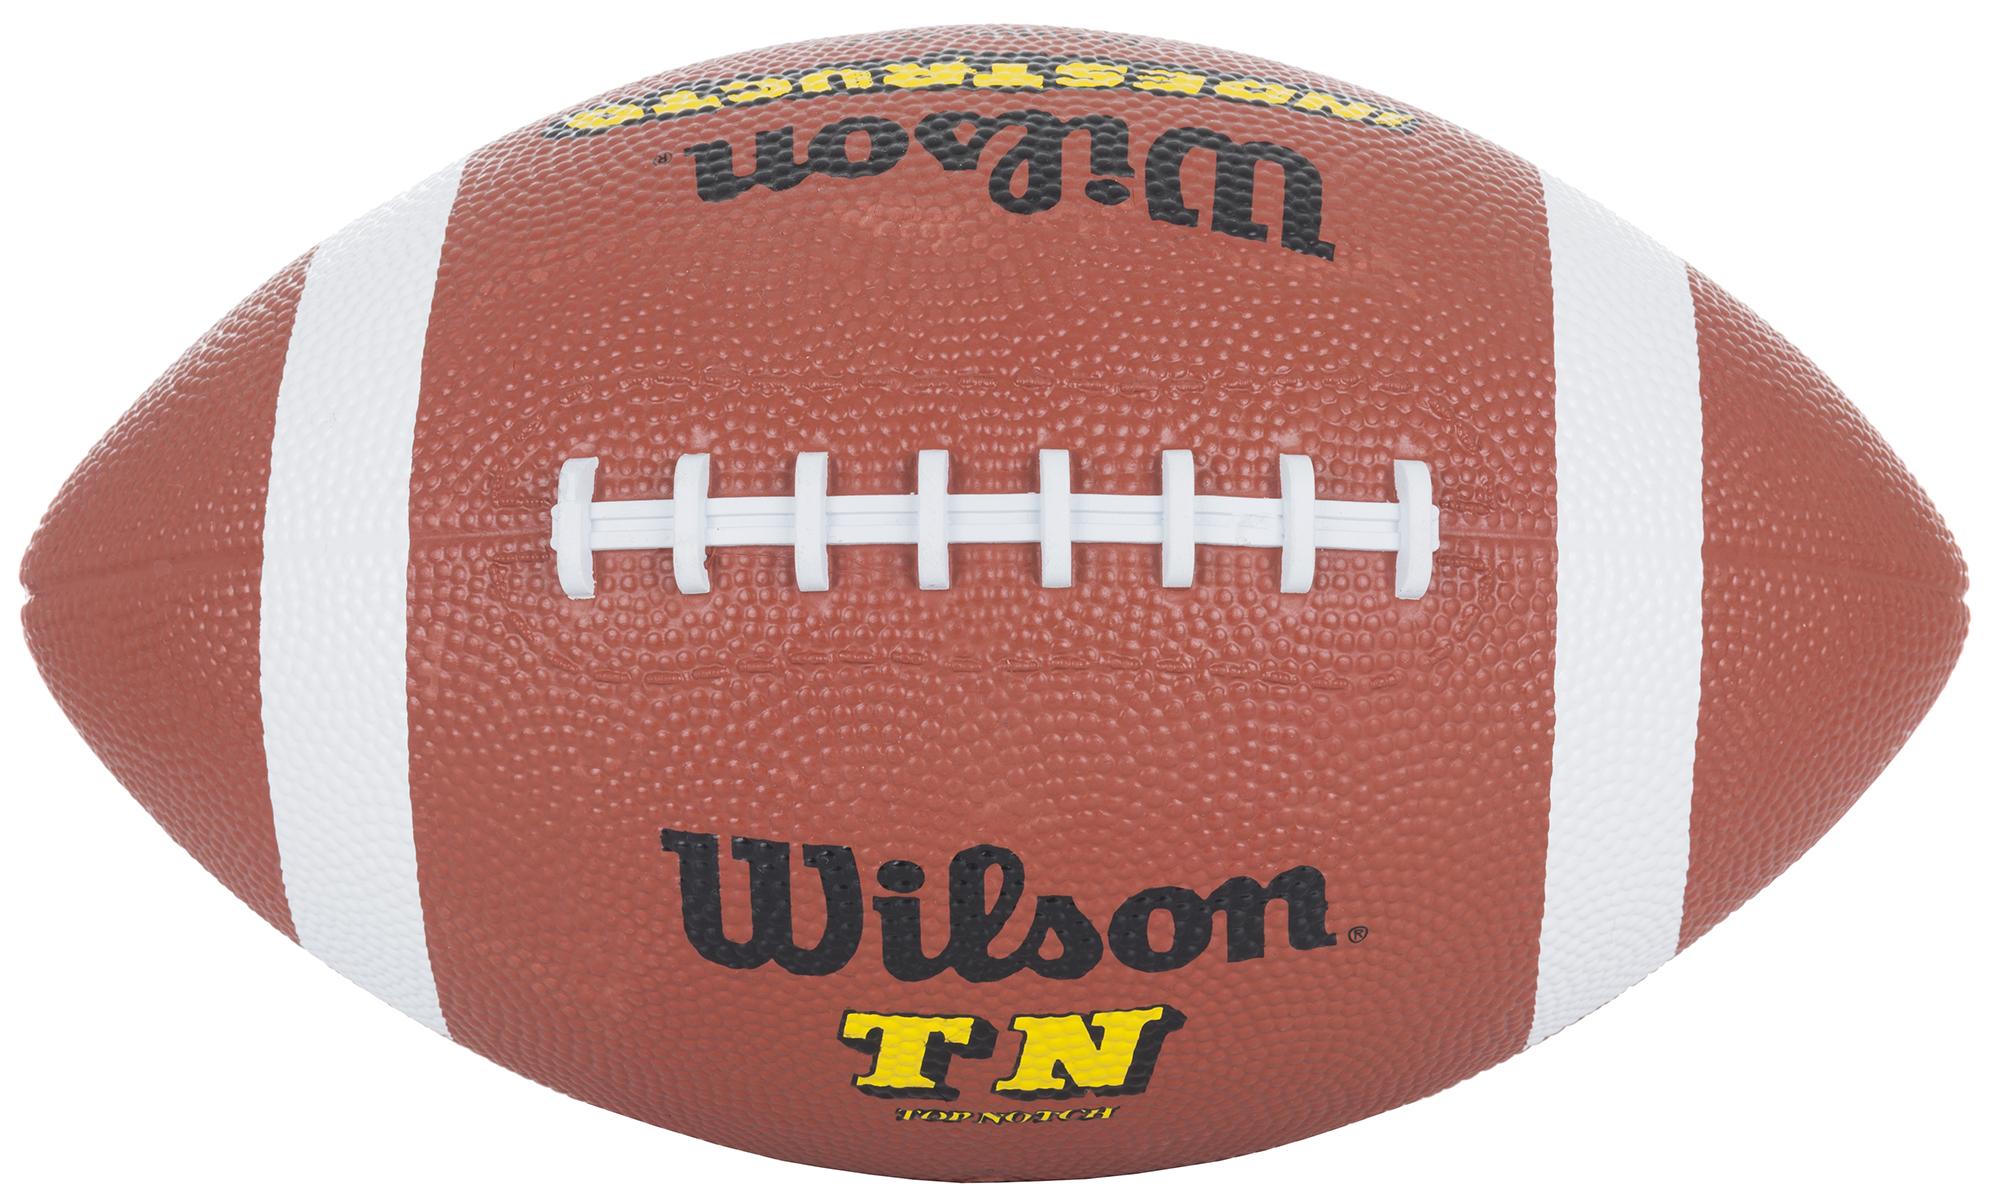 Wilson Мяч для американского футбола Wilson купить экипировку для футбола